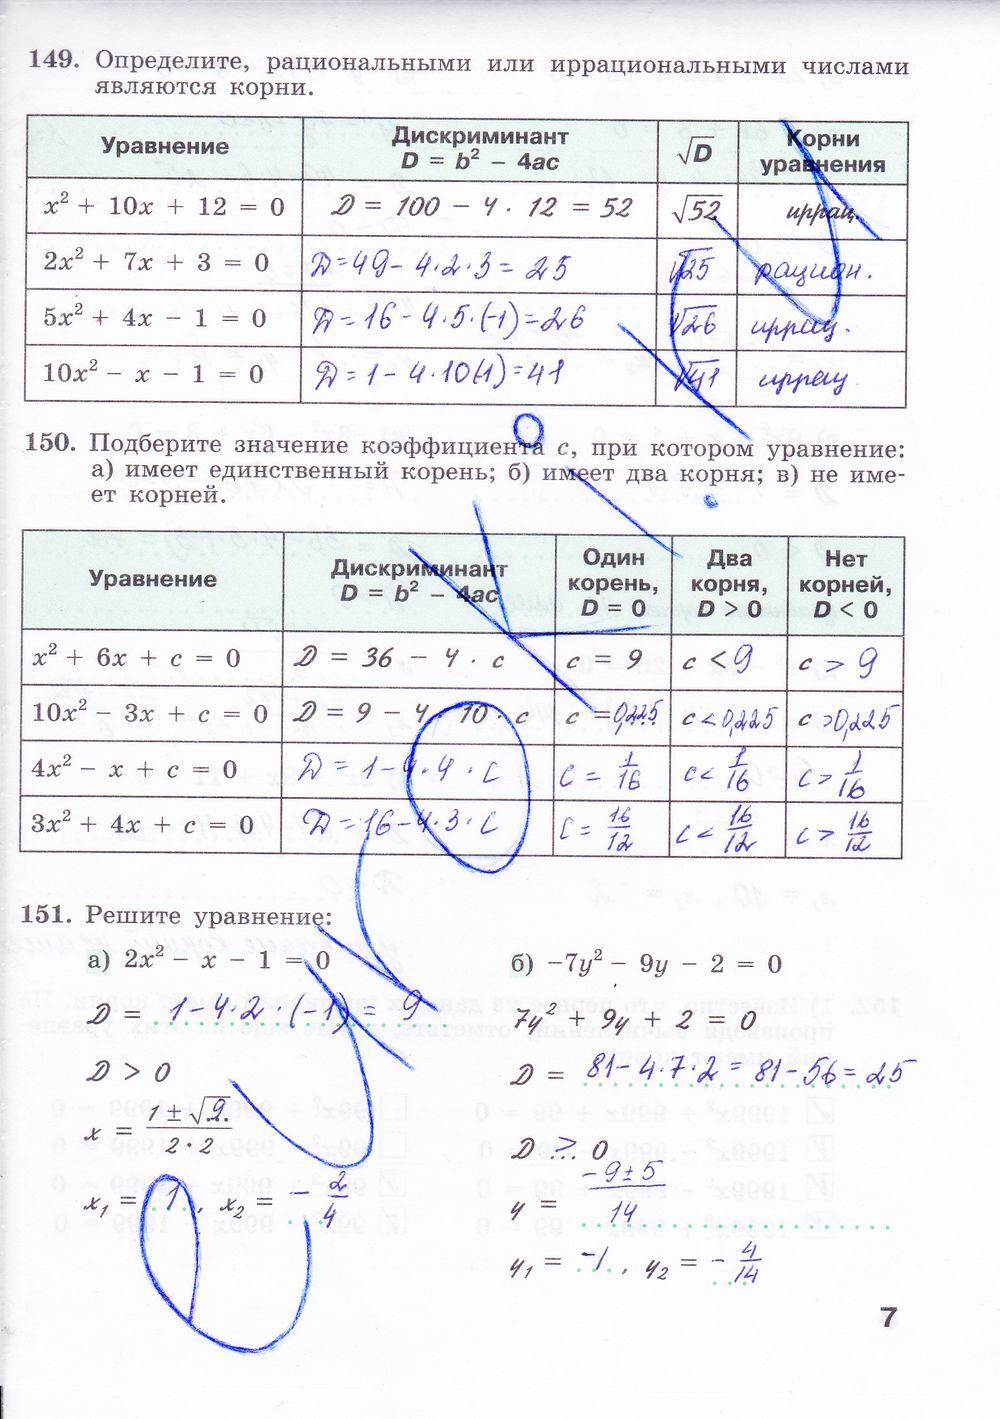 Скачать бесплатно готовые домашние задания по физике громов 11 класс